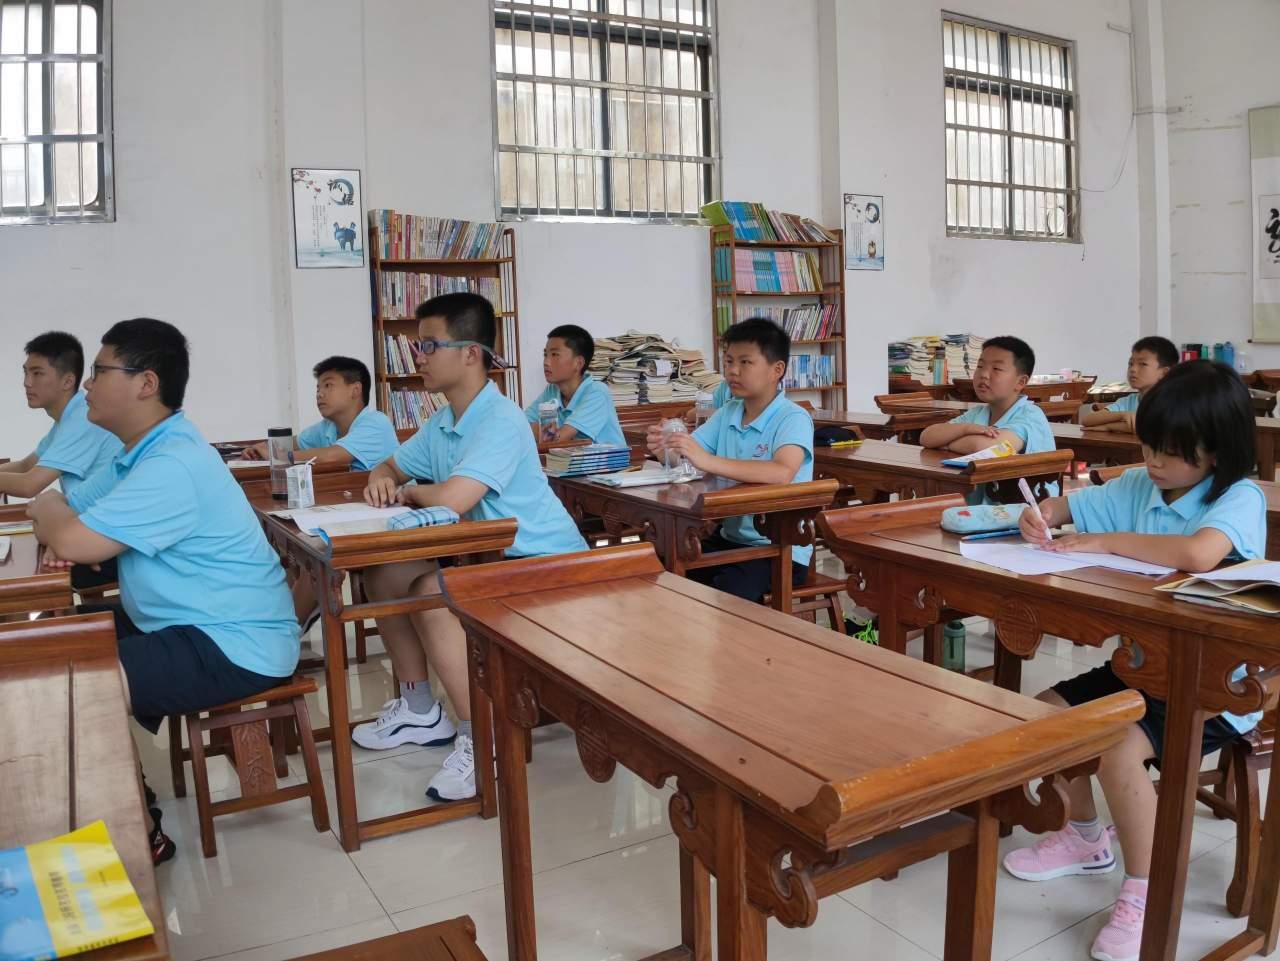 少年管教学校培训课